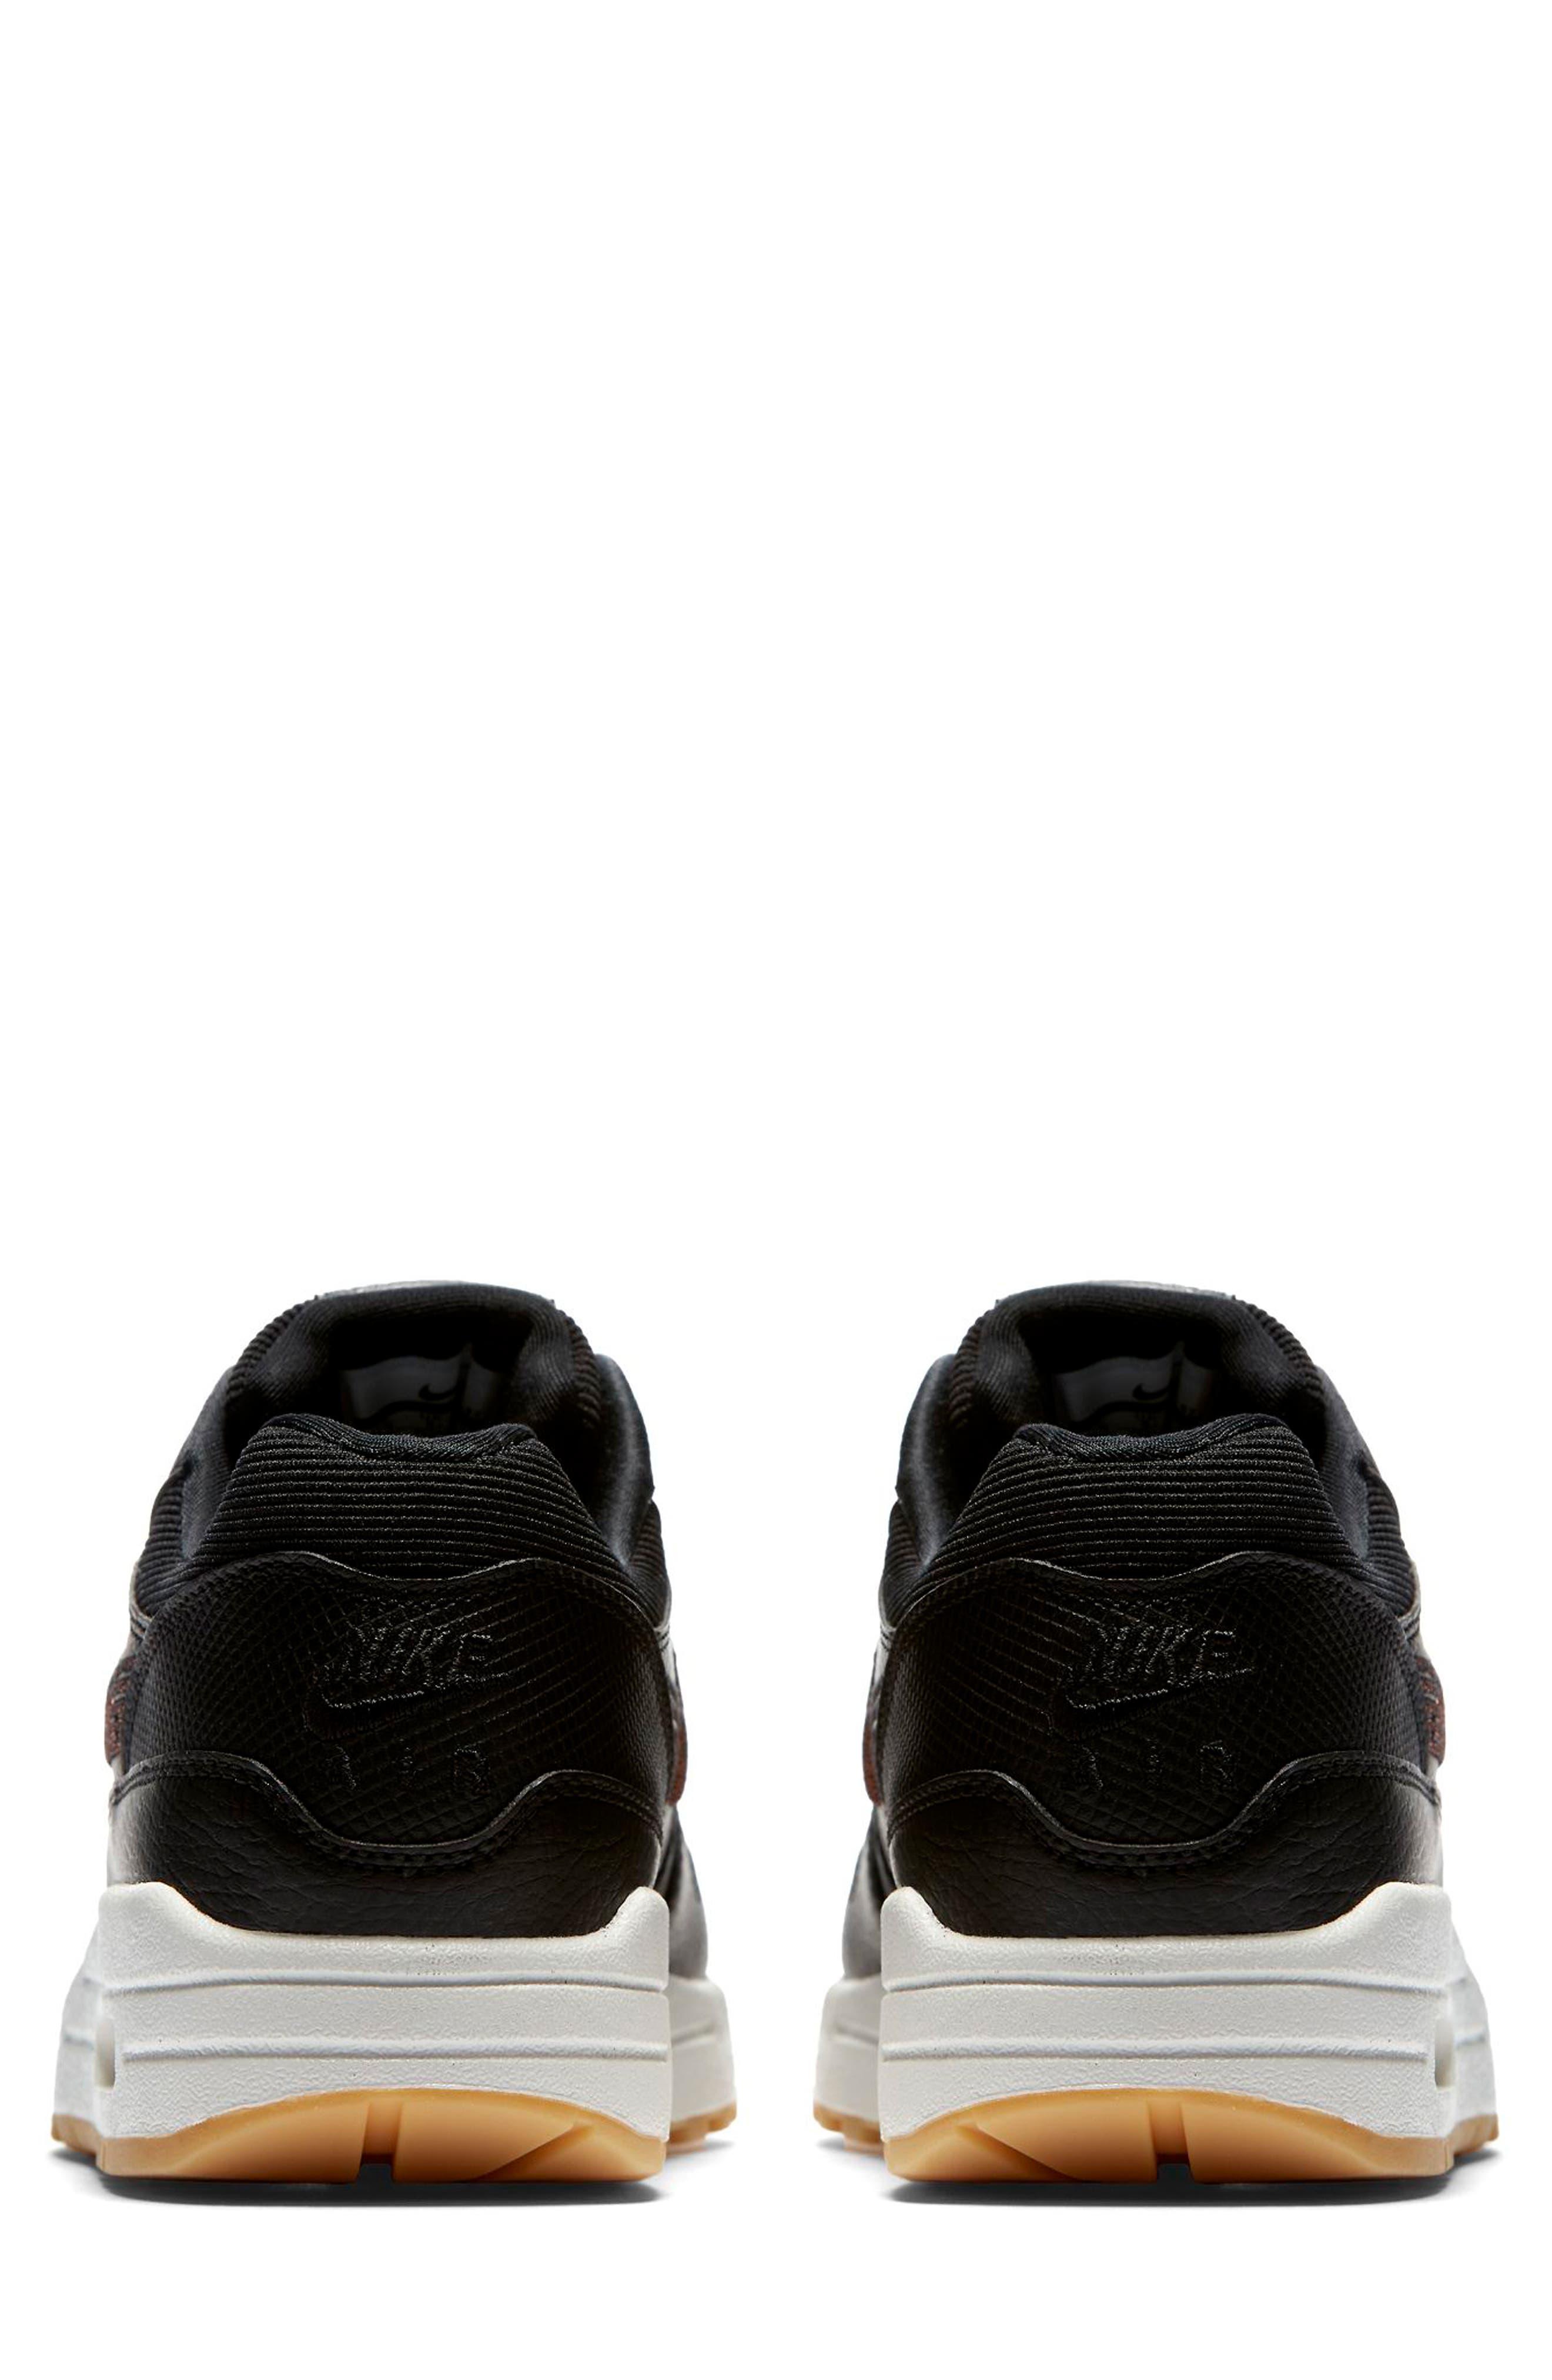 Air Max 1 Premium Sneaker,                             Alternate thumbnail 2, color,                             002